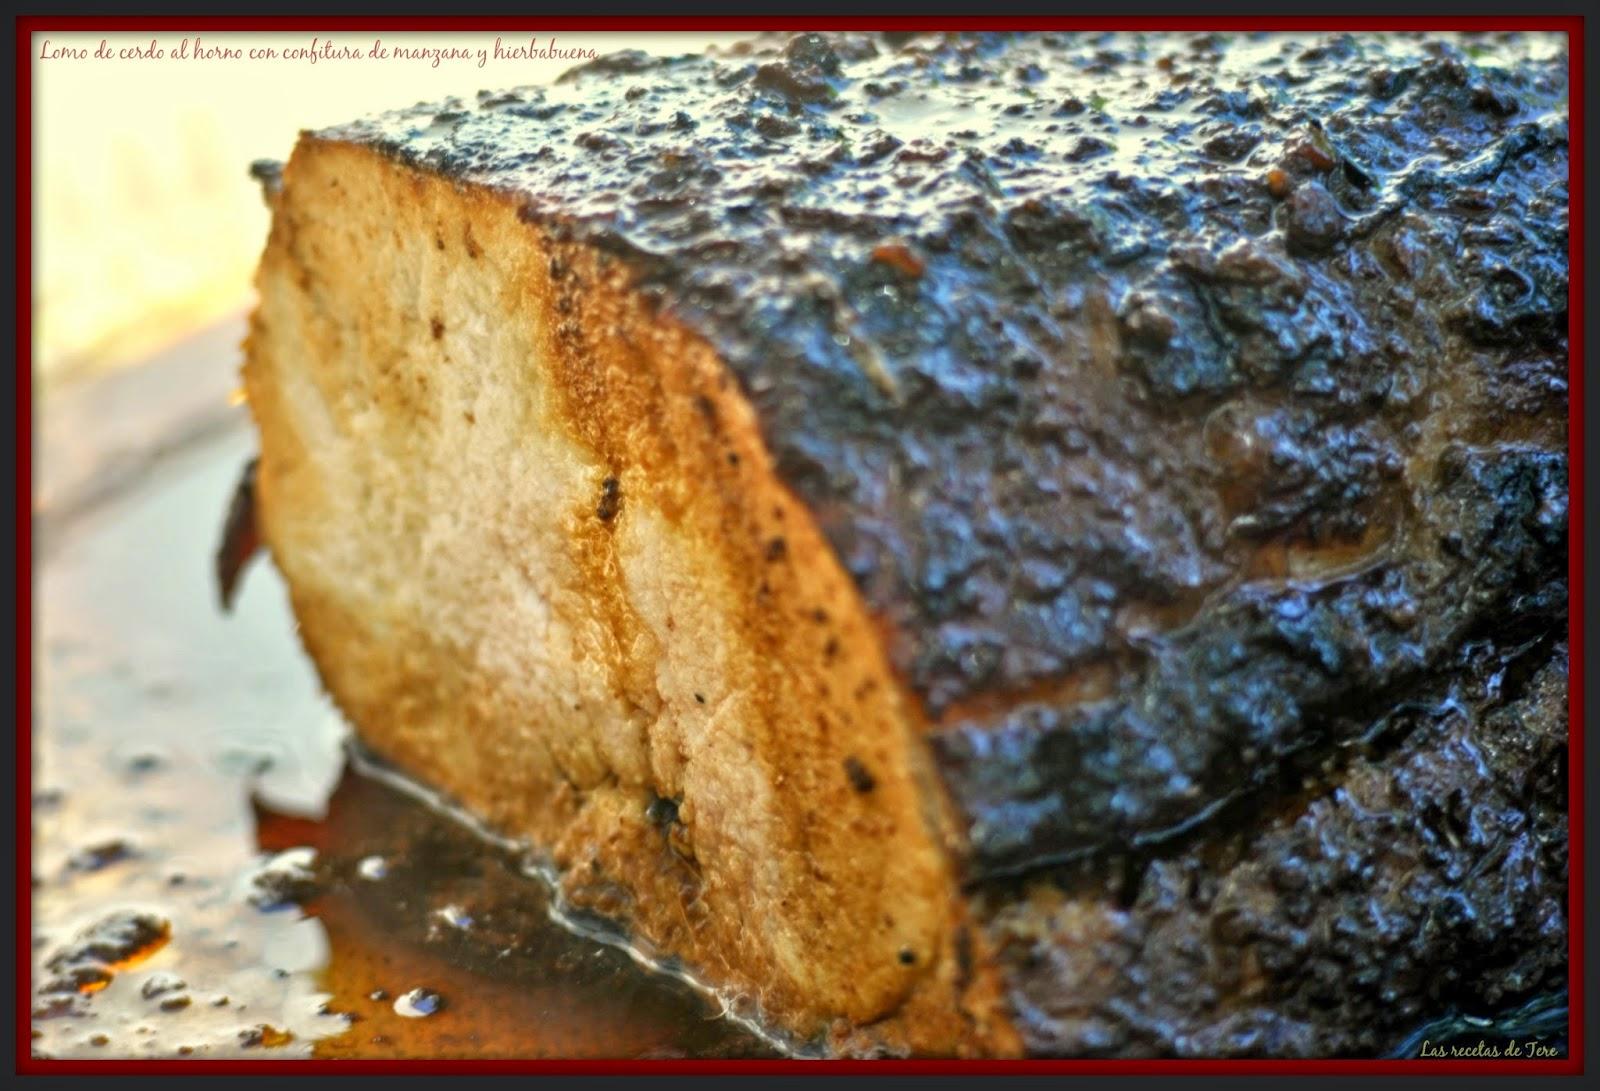 Lomo de cerdo al horno con confitura de manzana y hierbabuena 06